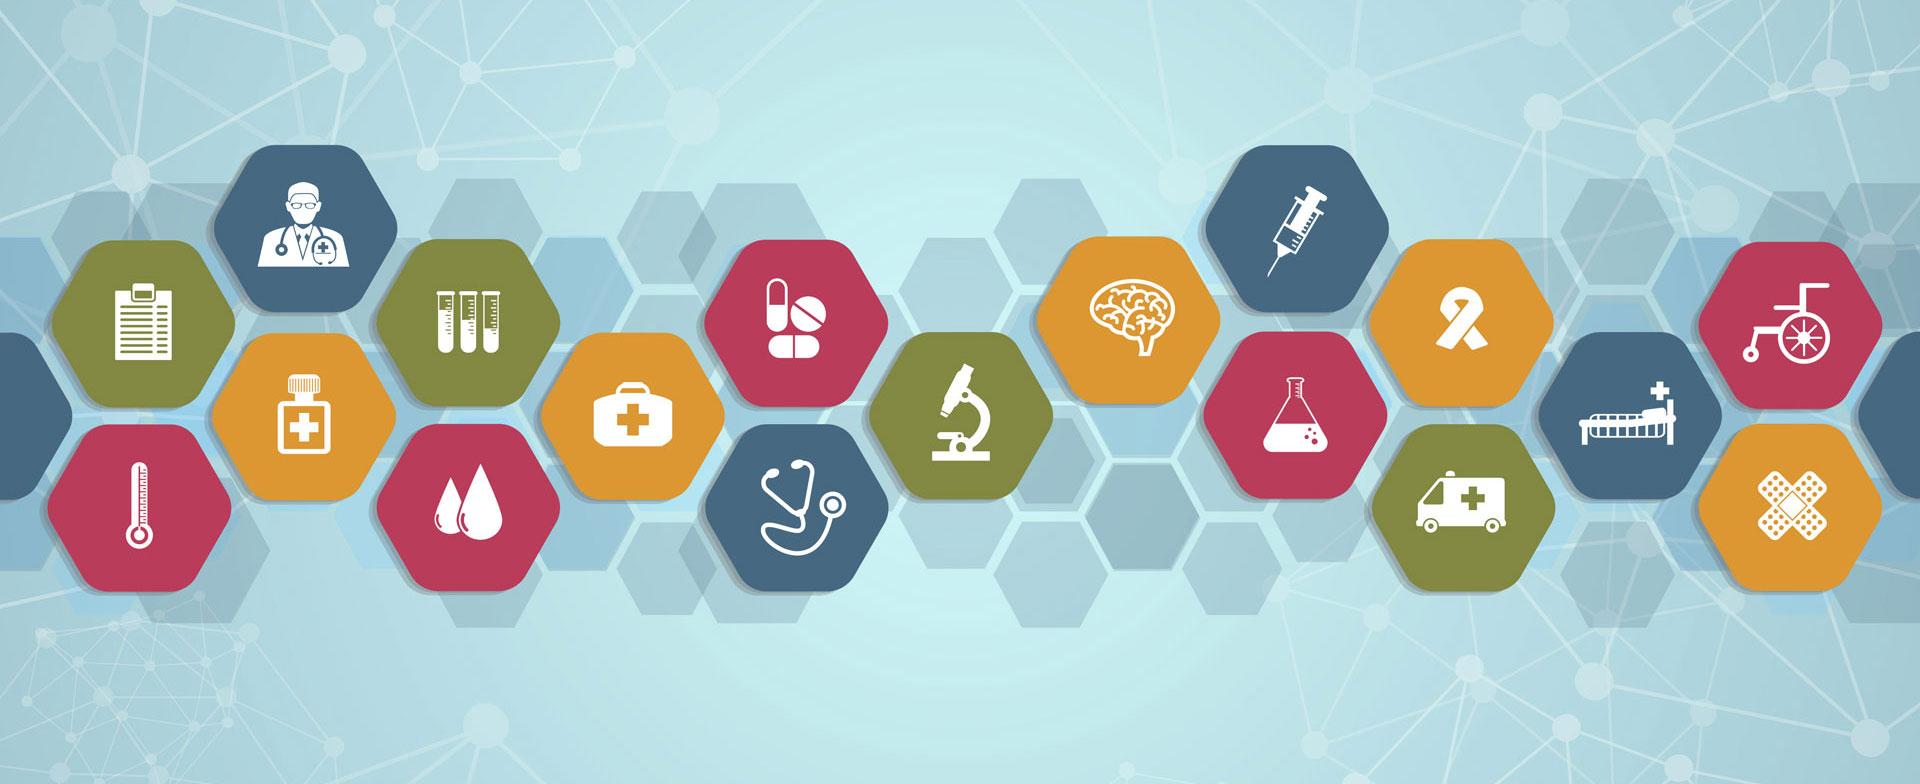 Medizinische Icons in einer Wabenstruktur